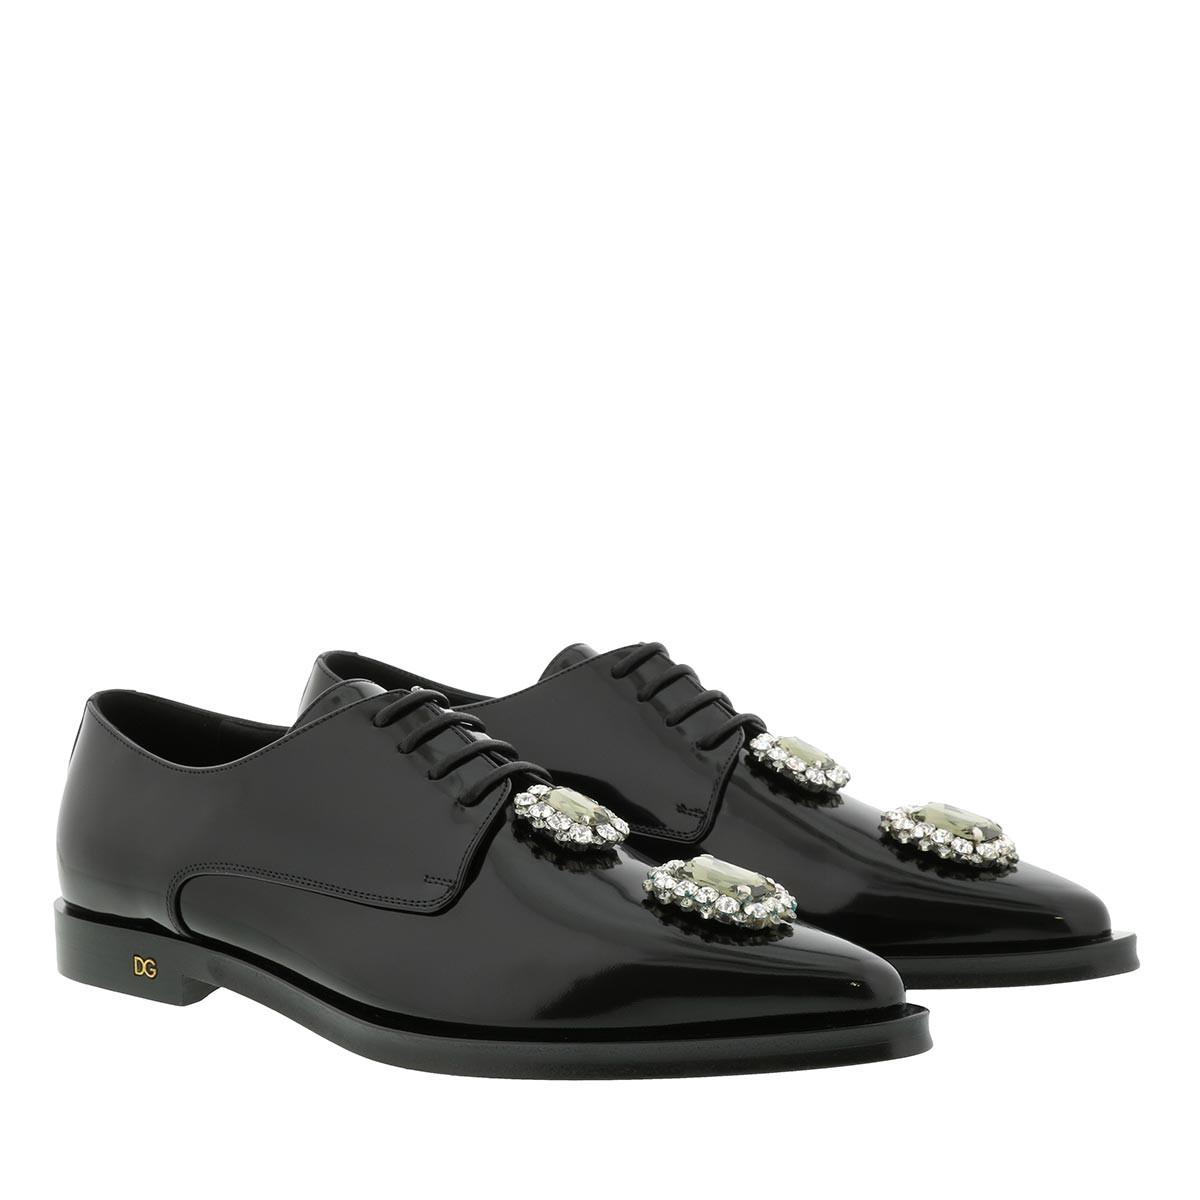 Dolce&Gabbana Schuhe - Fume Derbie Black - in schwarz - für Damen